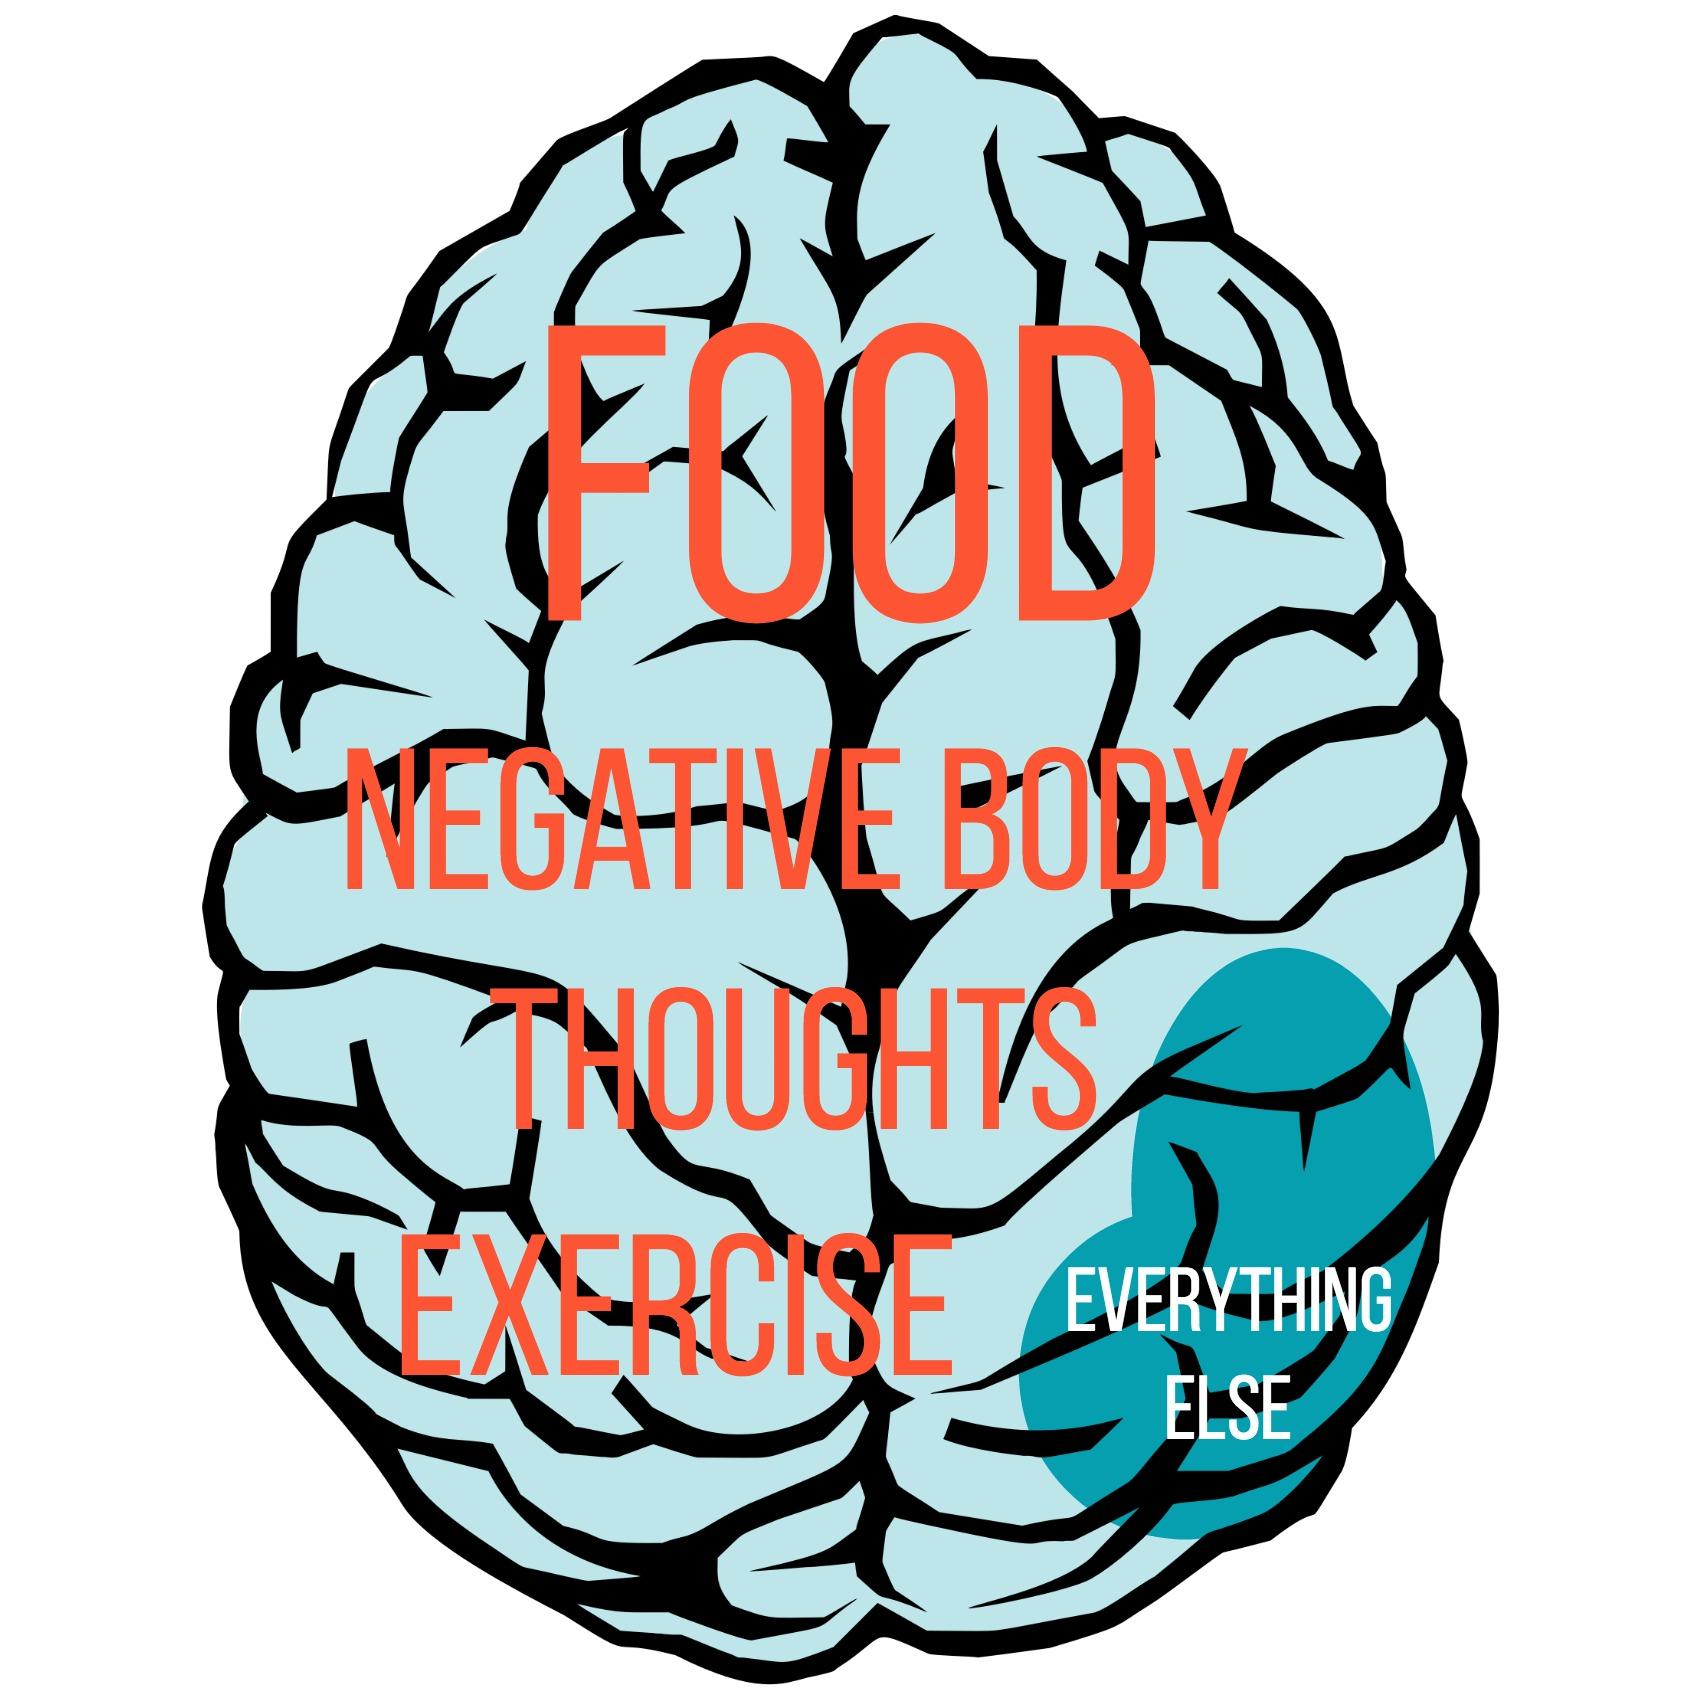 这是你的饮食饮食。你想在自己的房间里,让你的生活更复杂,并不能在自己的私生活和生活中,更有趣的是。#####每种天然的脂肪#